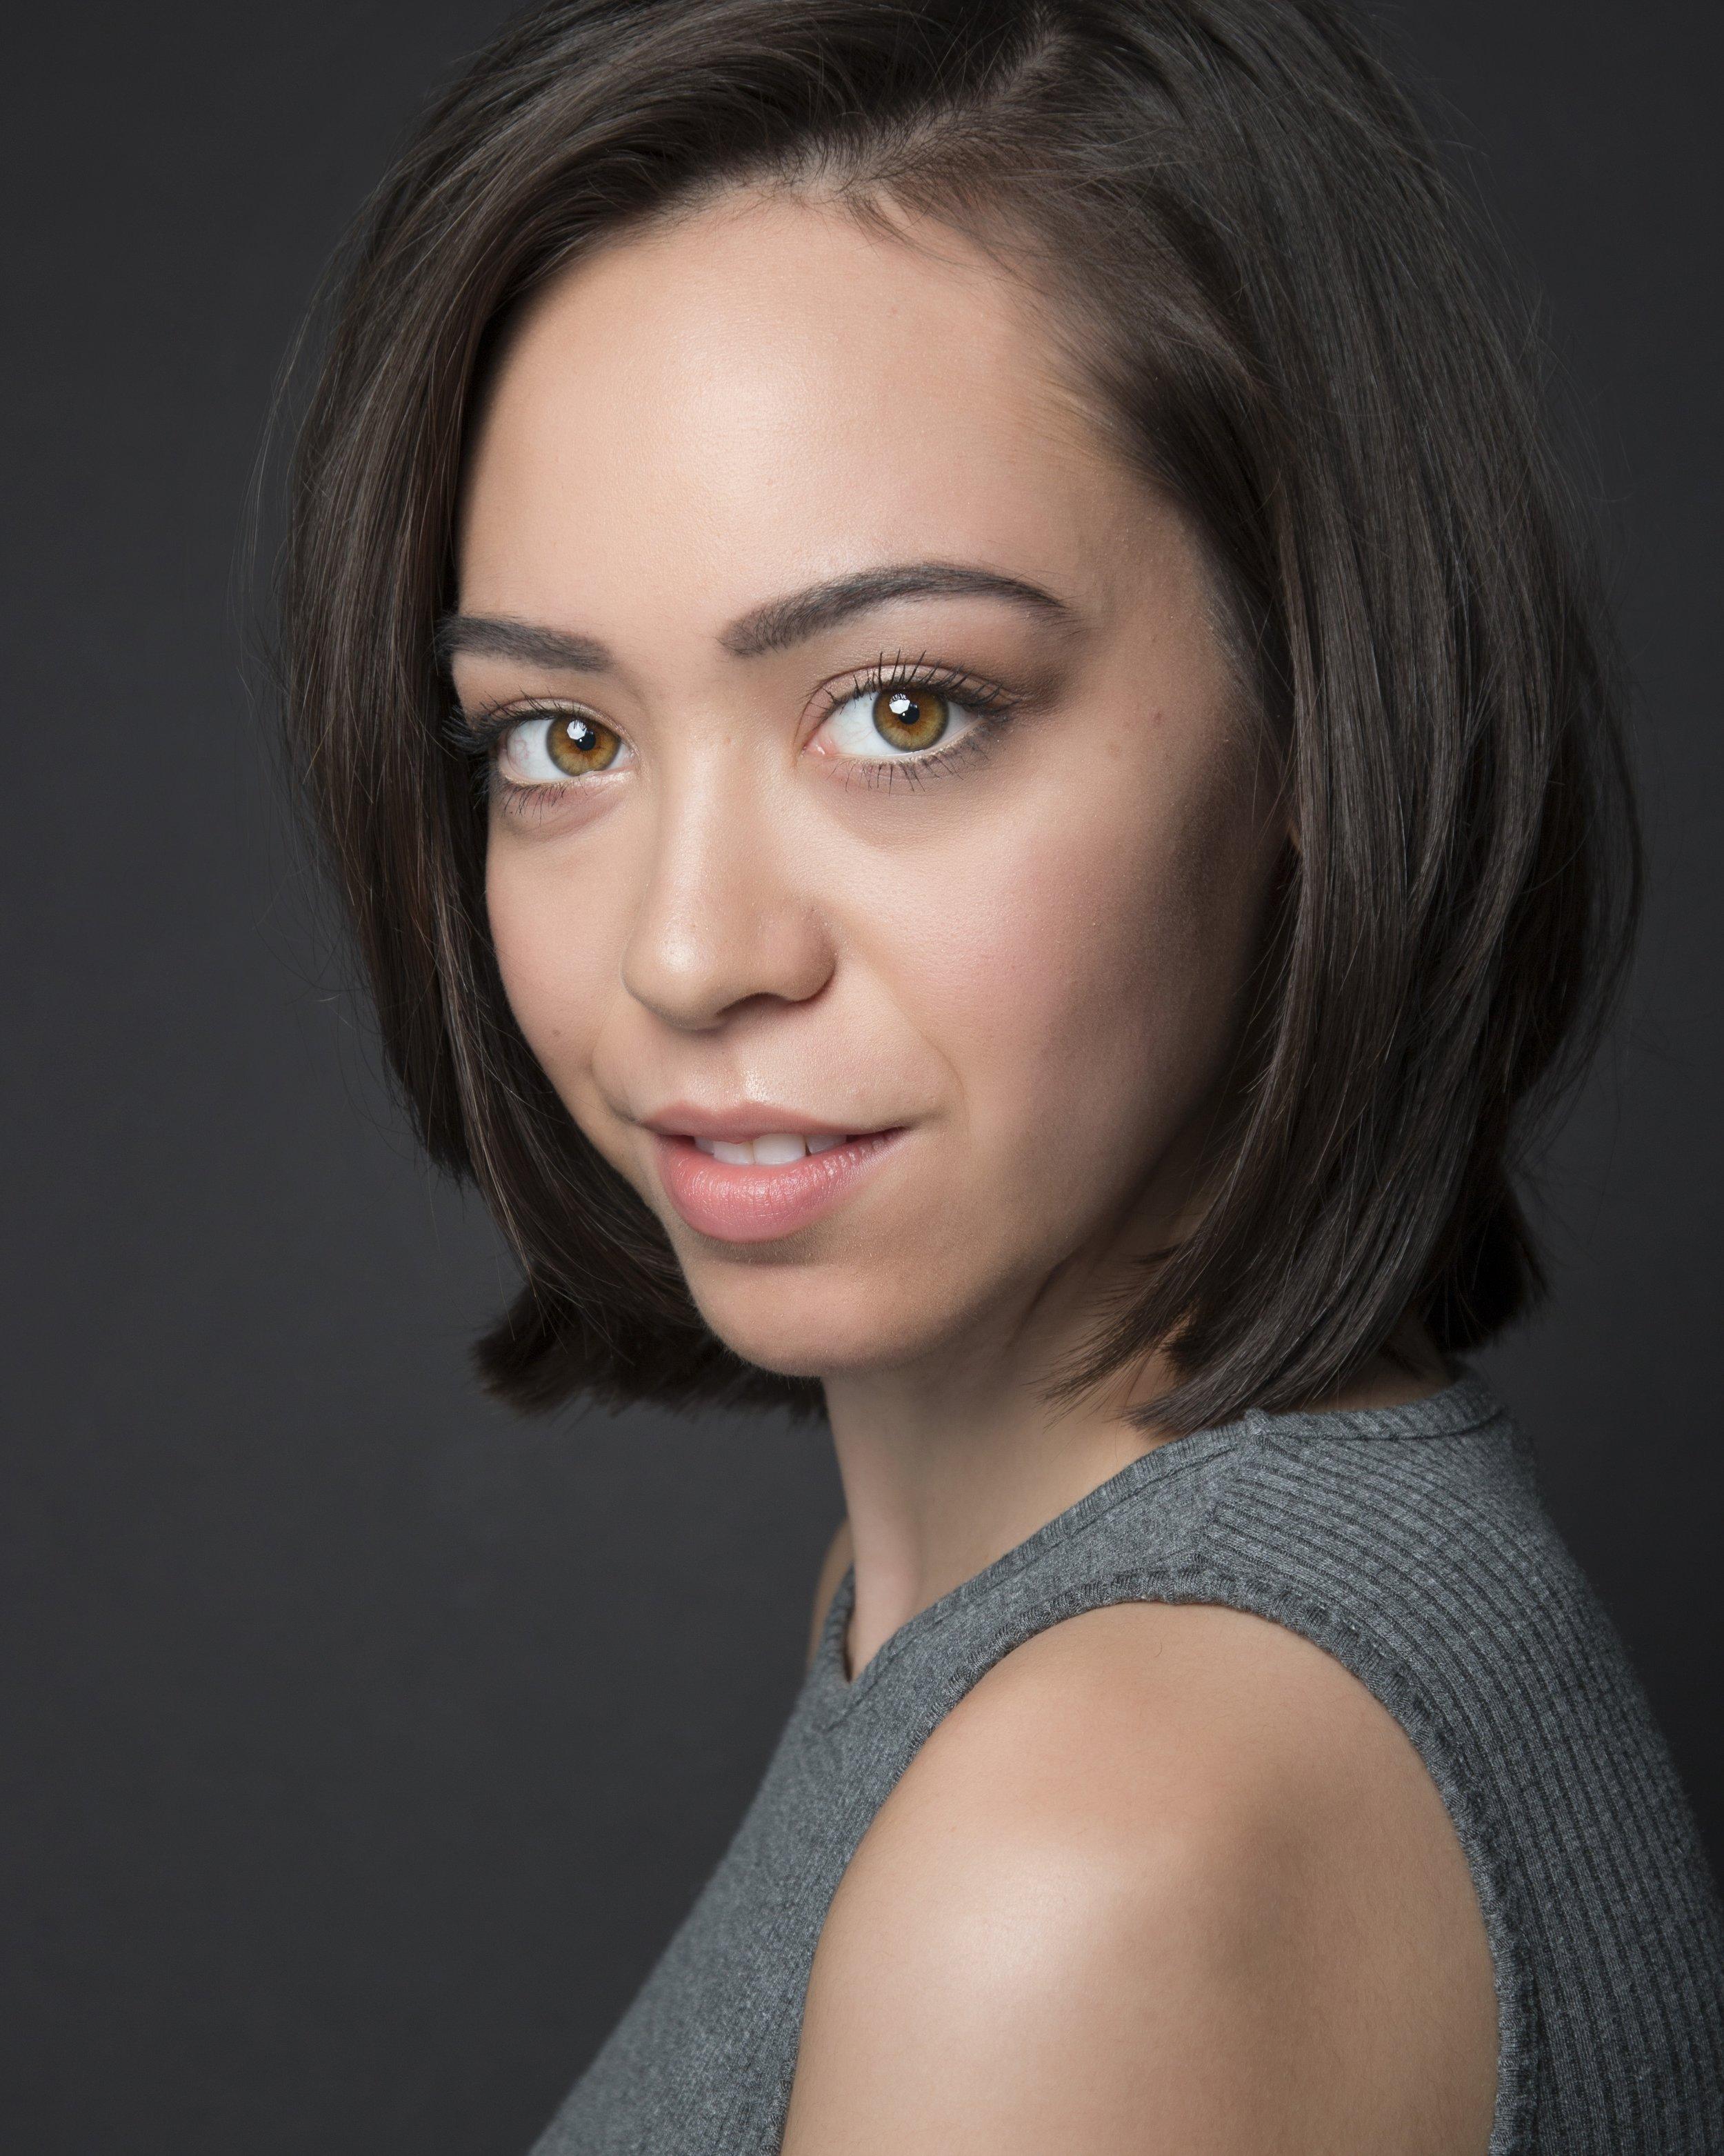 Zoe Abuyuan